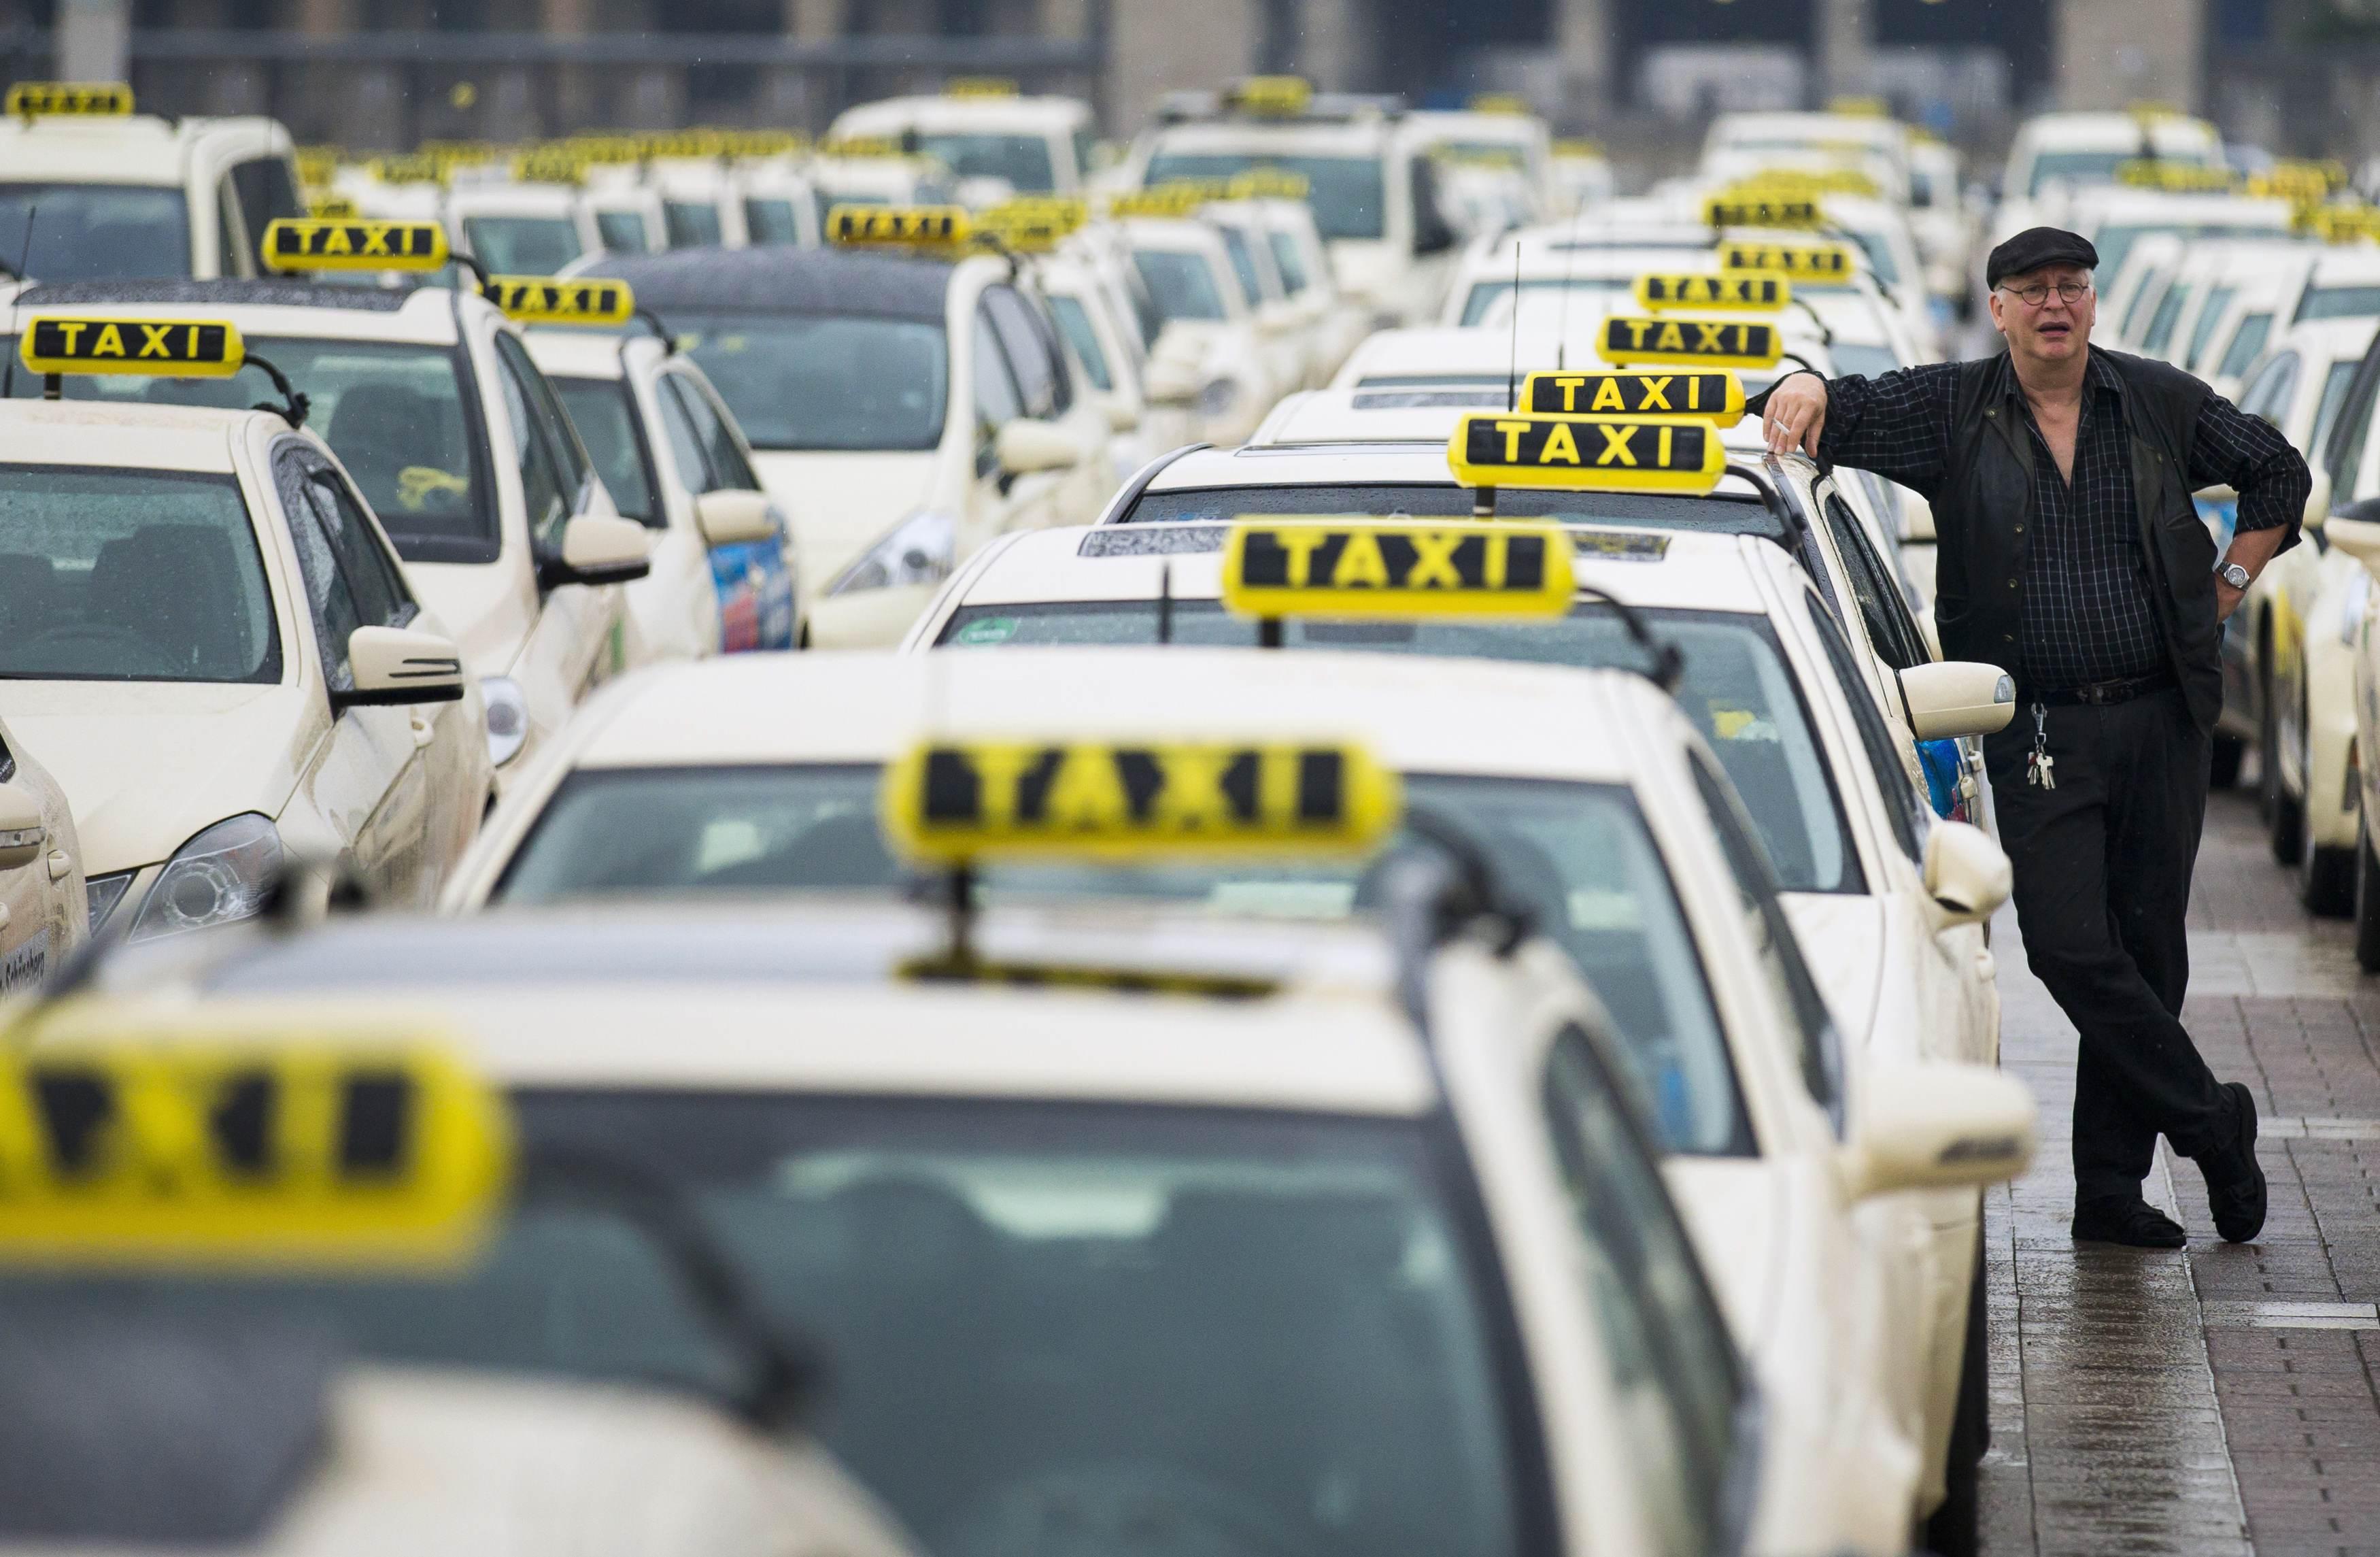 В РФ посоветовали лицензировать водителей такси ради безопасности пассажиров